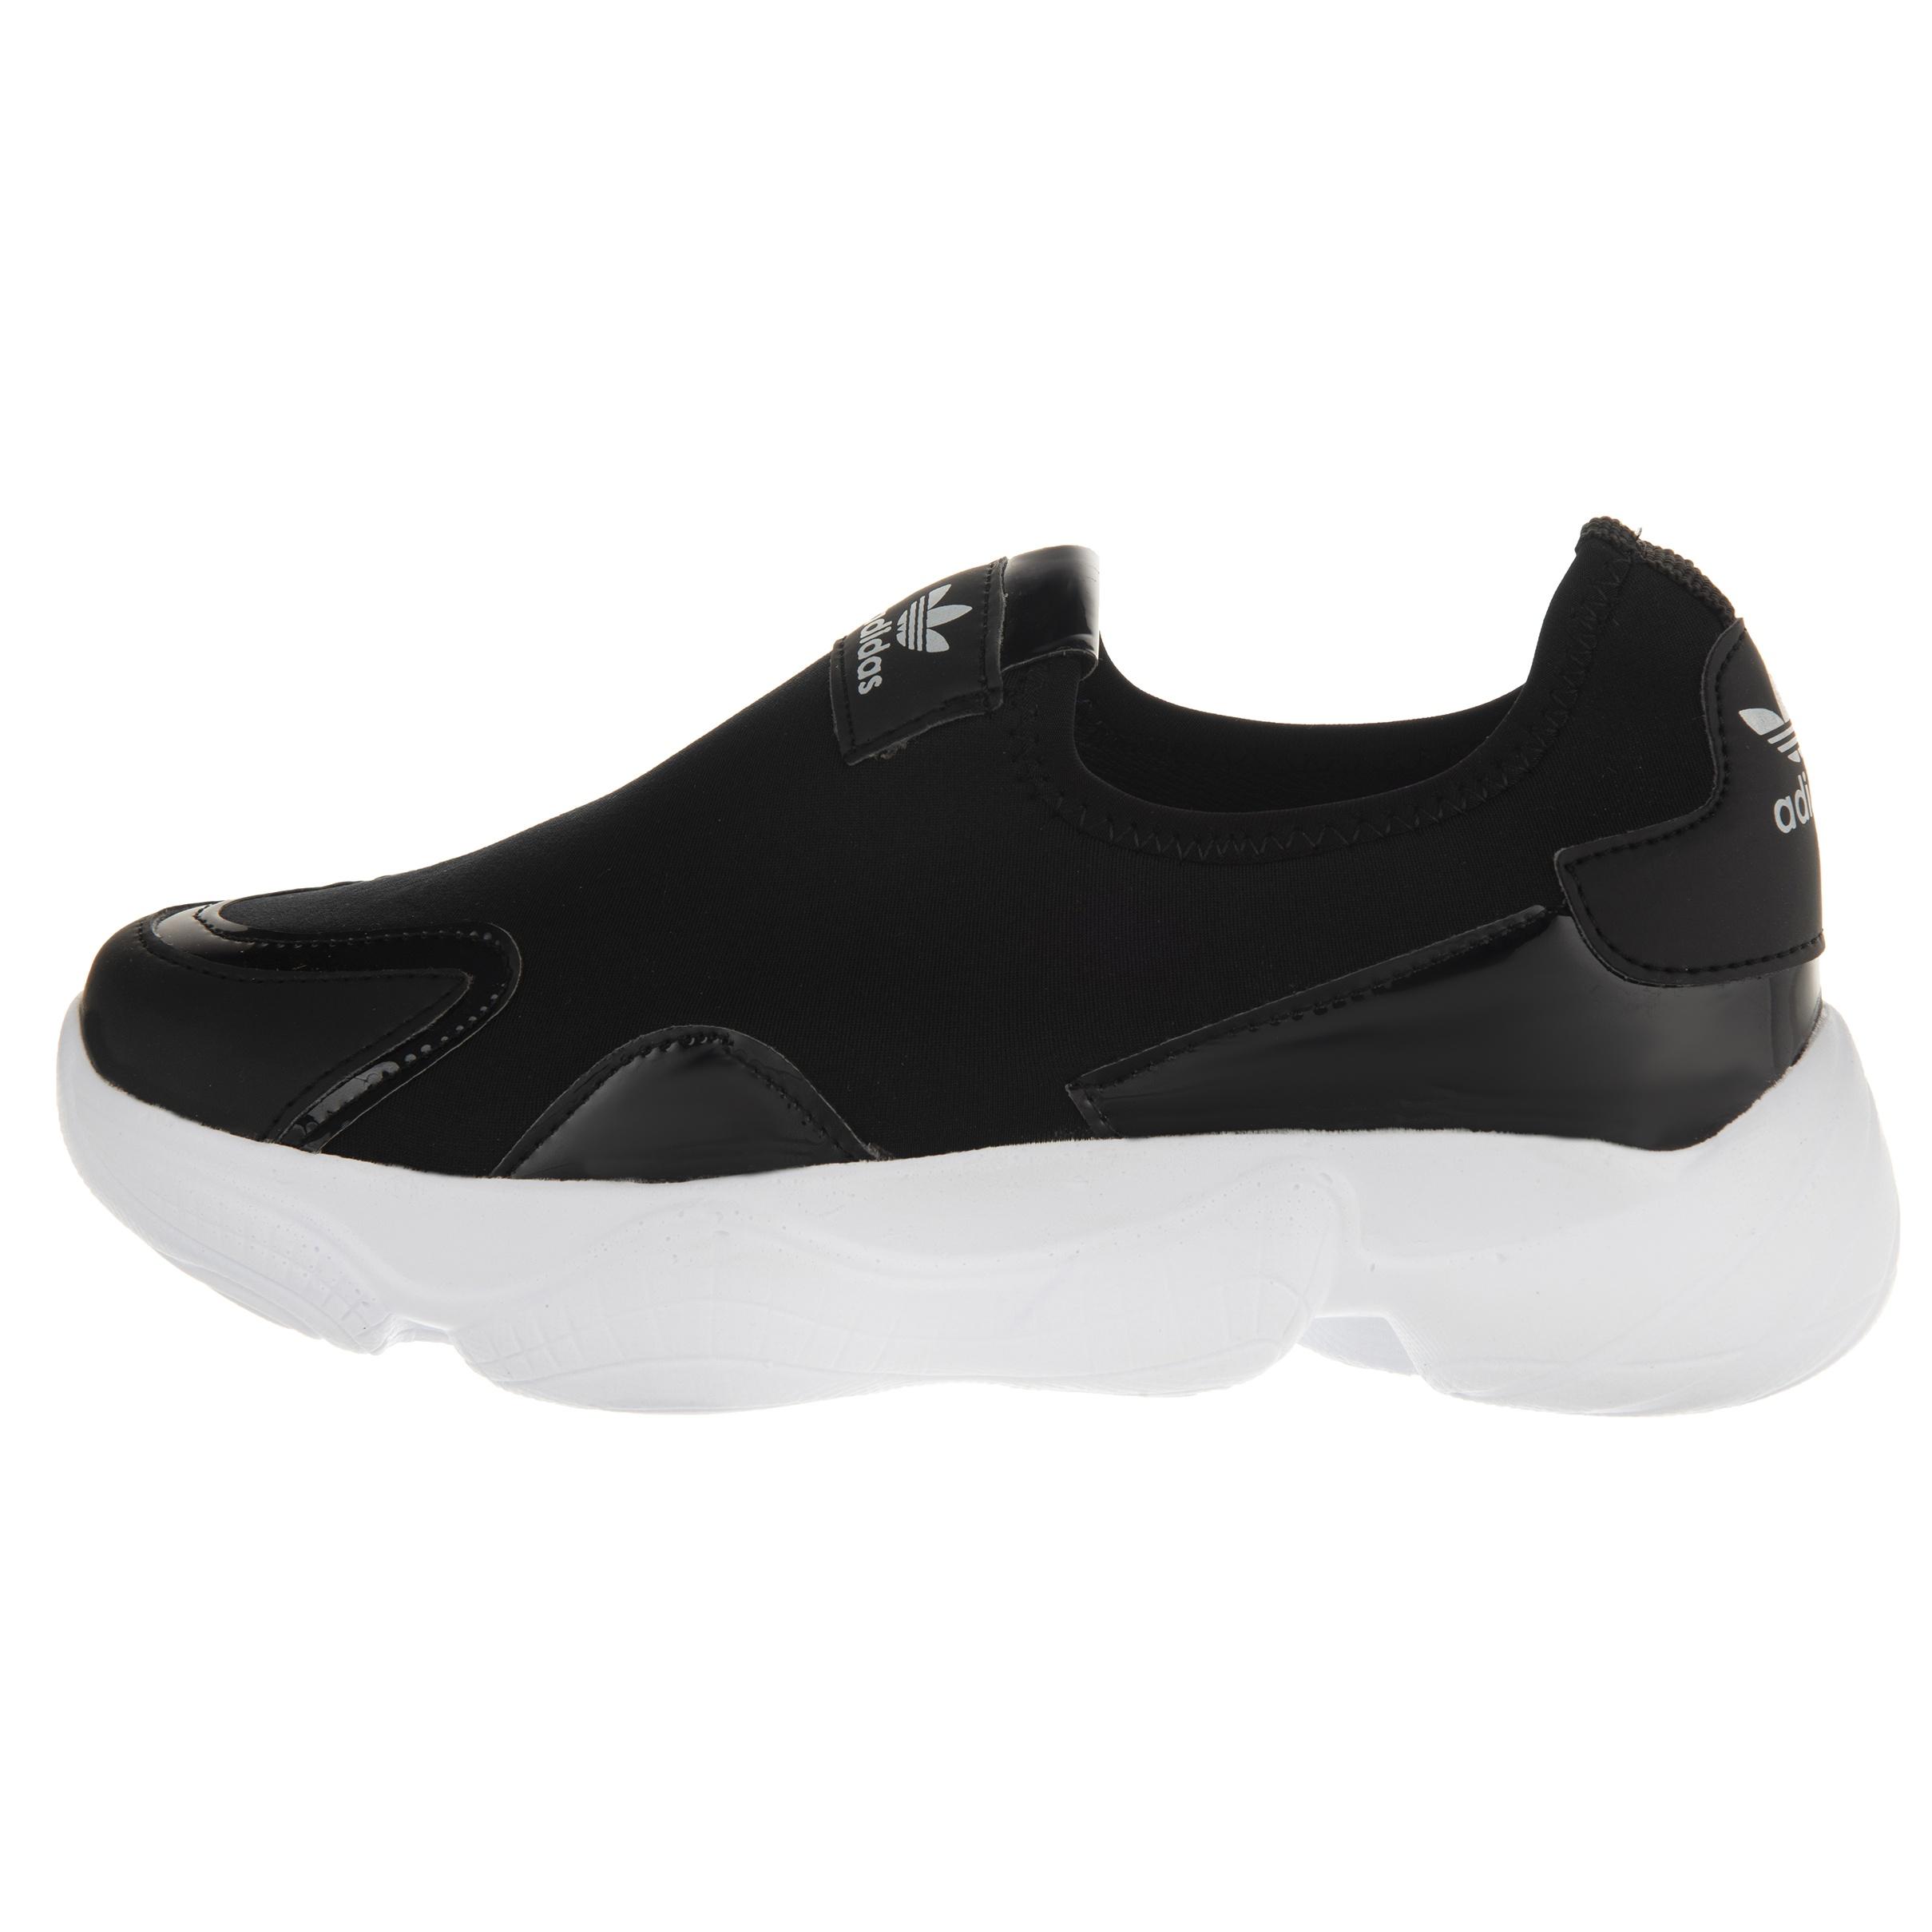 کفش راحتی زنانه مدل Hologram02